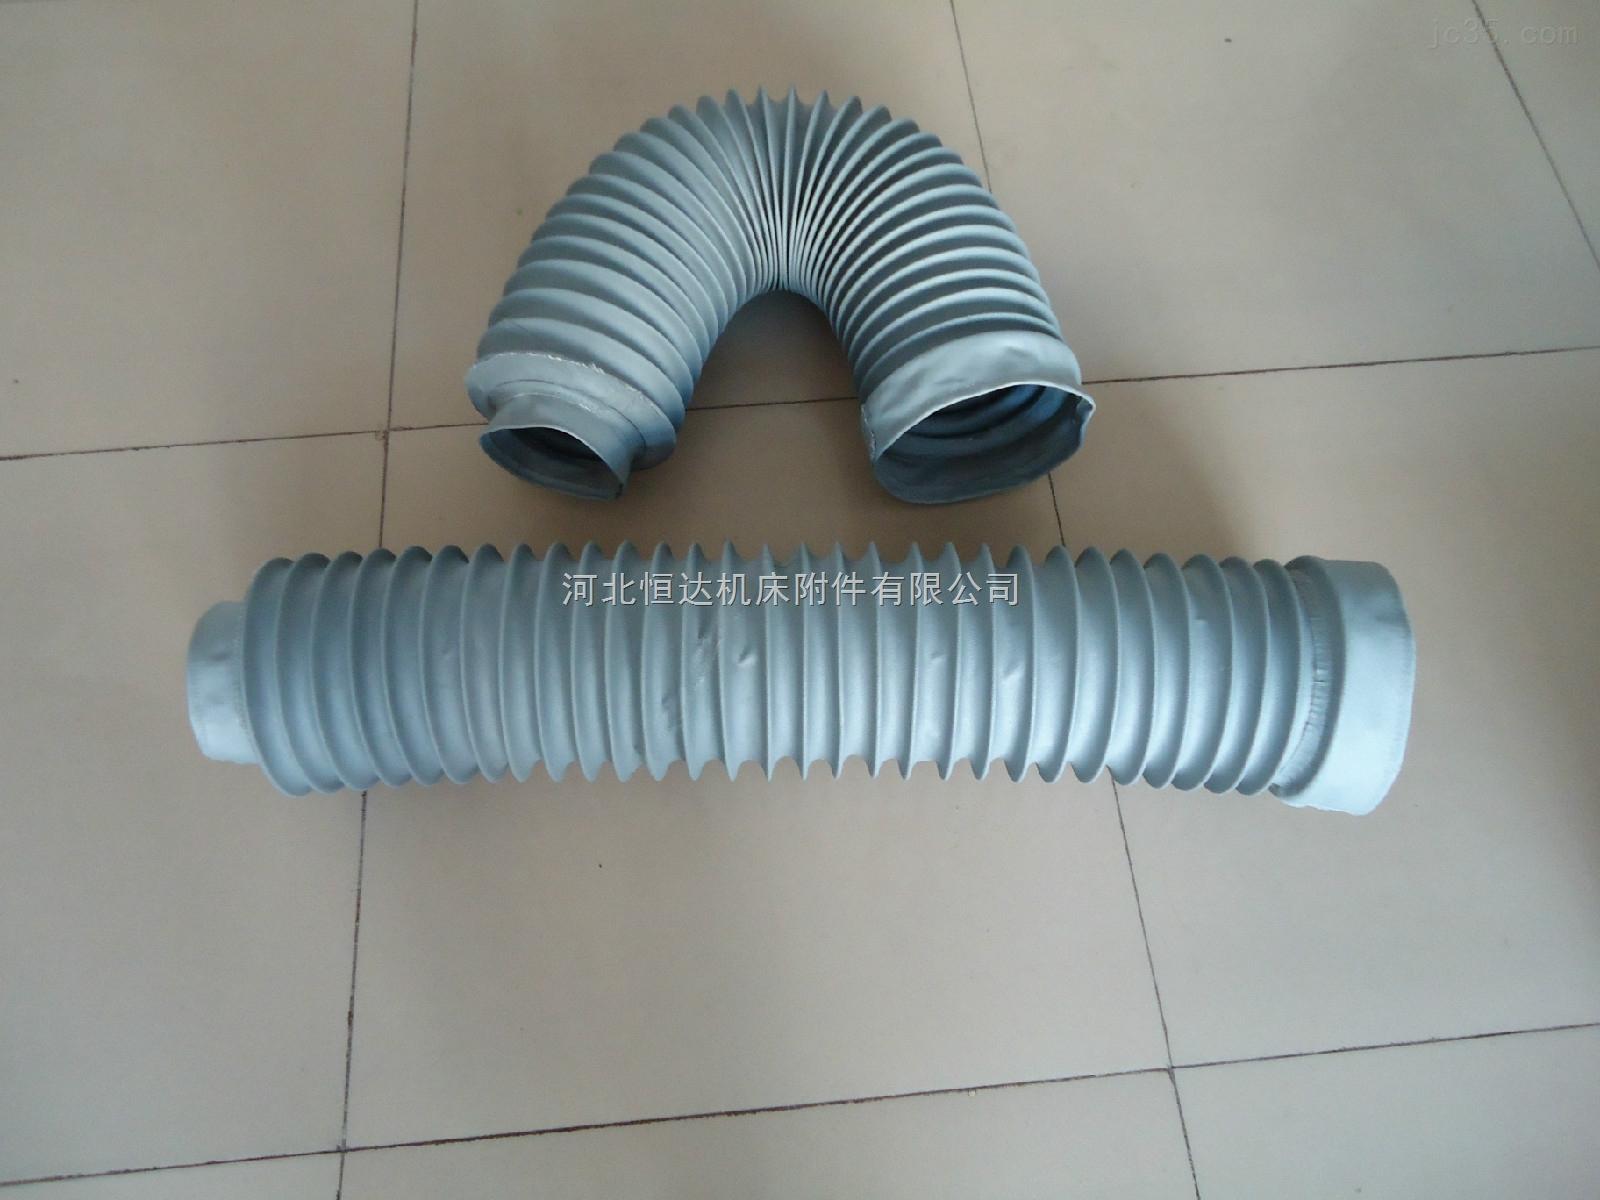 恒达附件生产丝杠防尘套